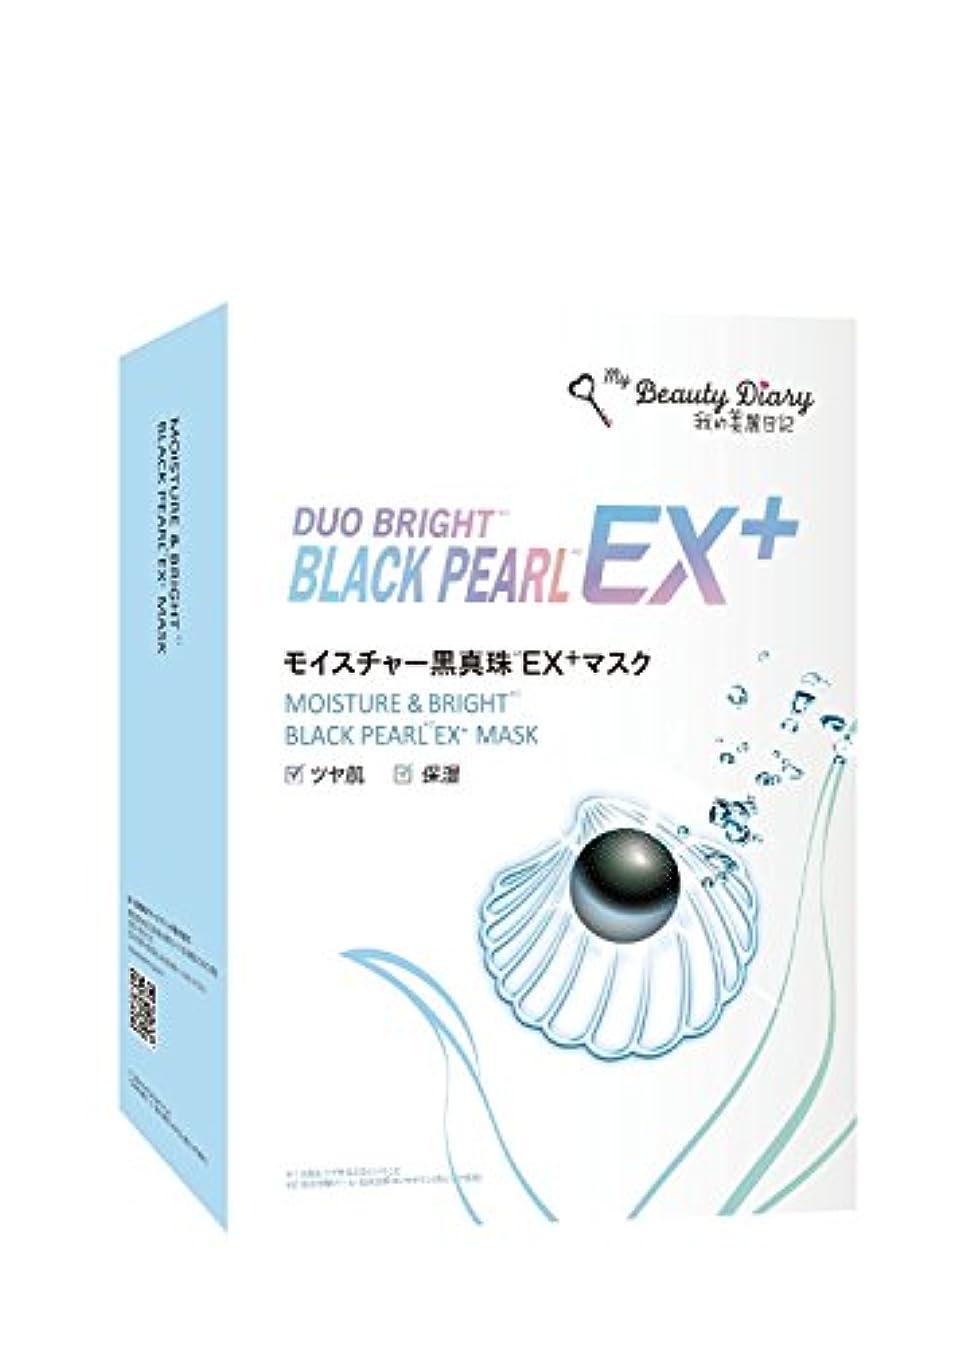 立法現実解体する我的美麗日記-私のきれい日記- モイスチャー黒真珠EX+マスク 6枚入